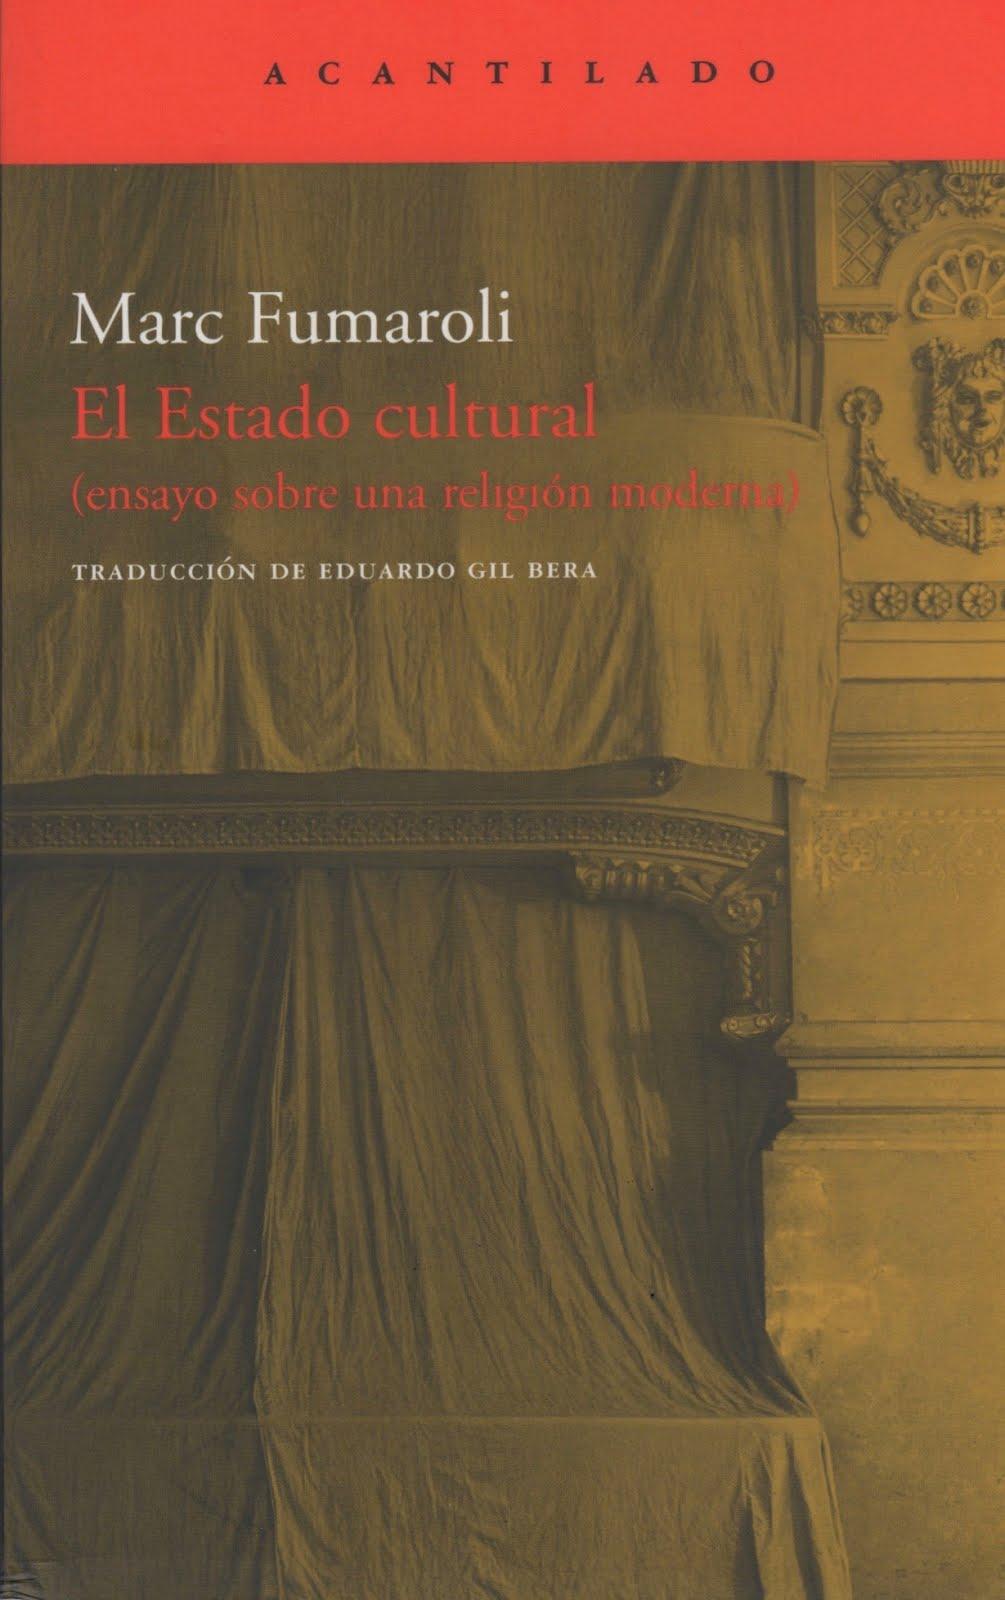 Marc Fumaroli (El Estado cultural) Ensayo sobre una religión moderna